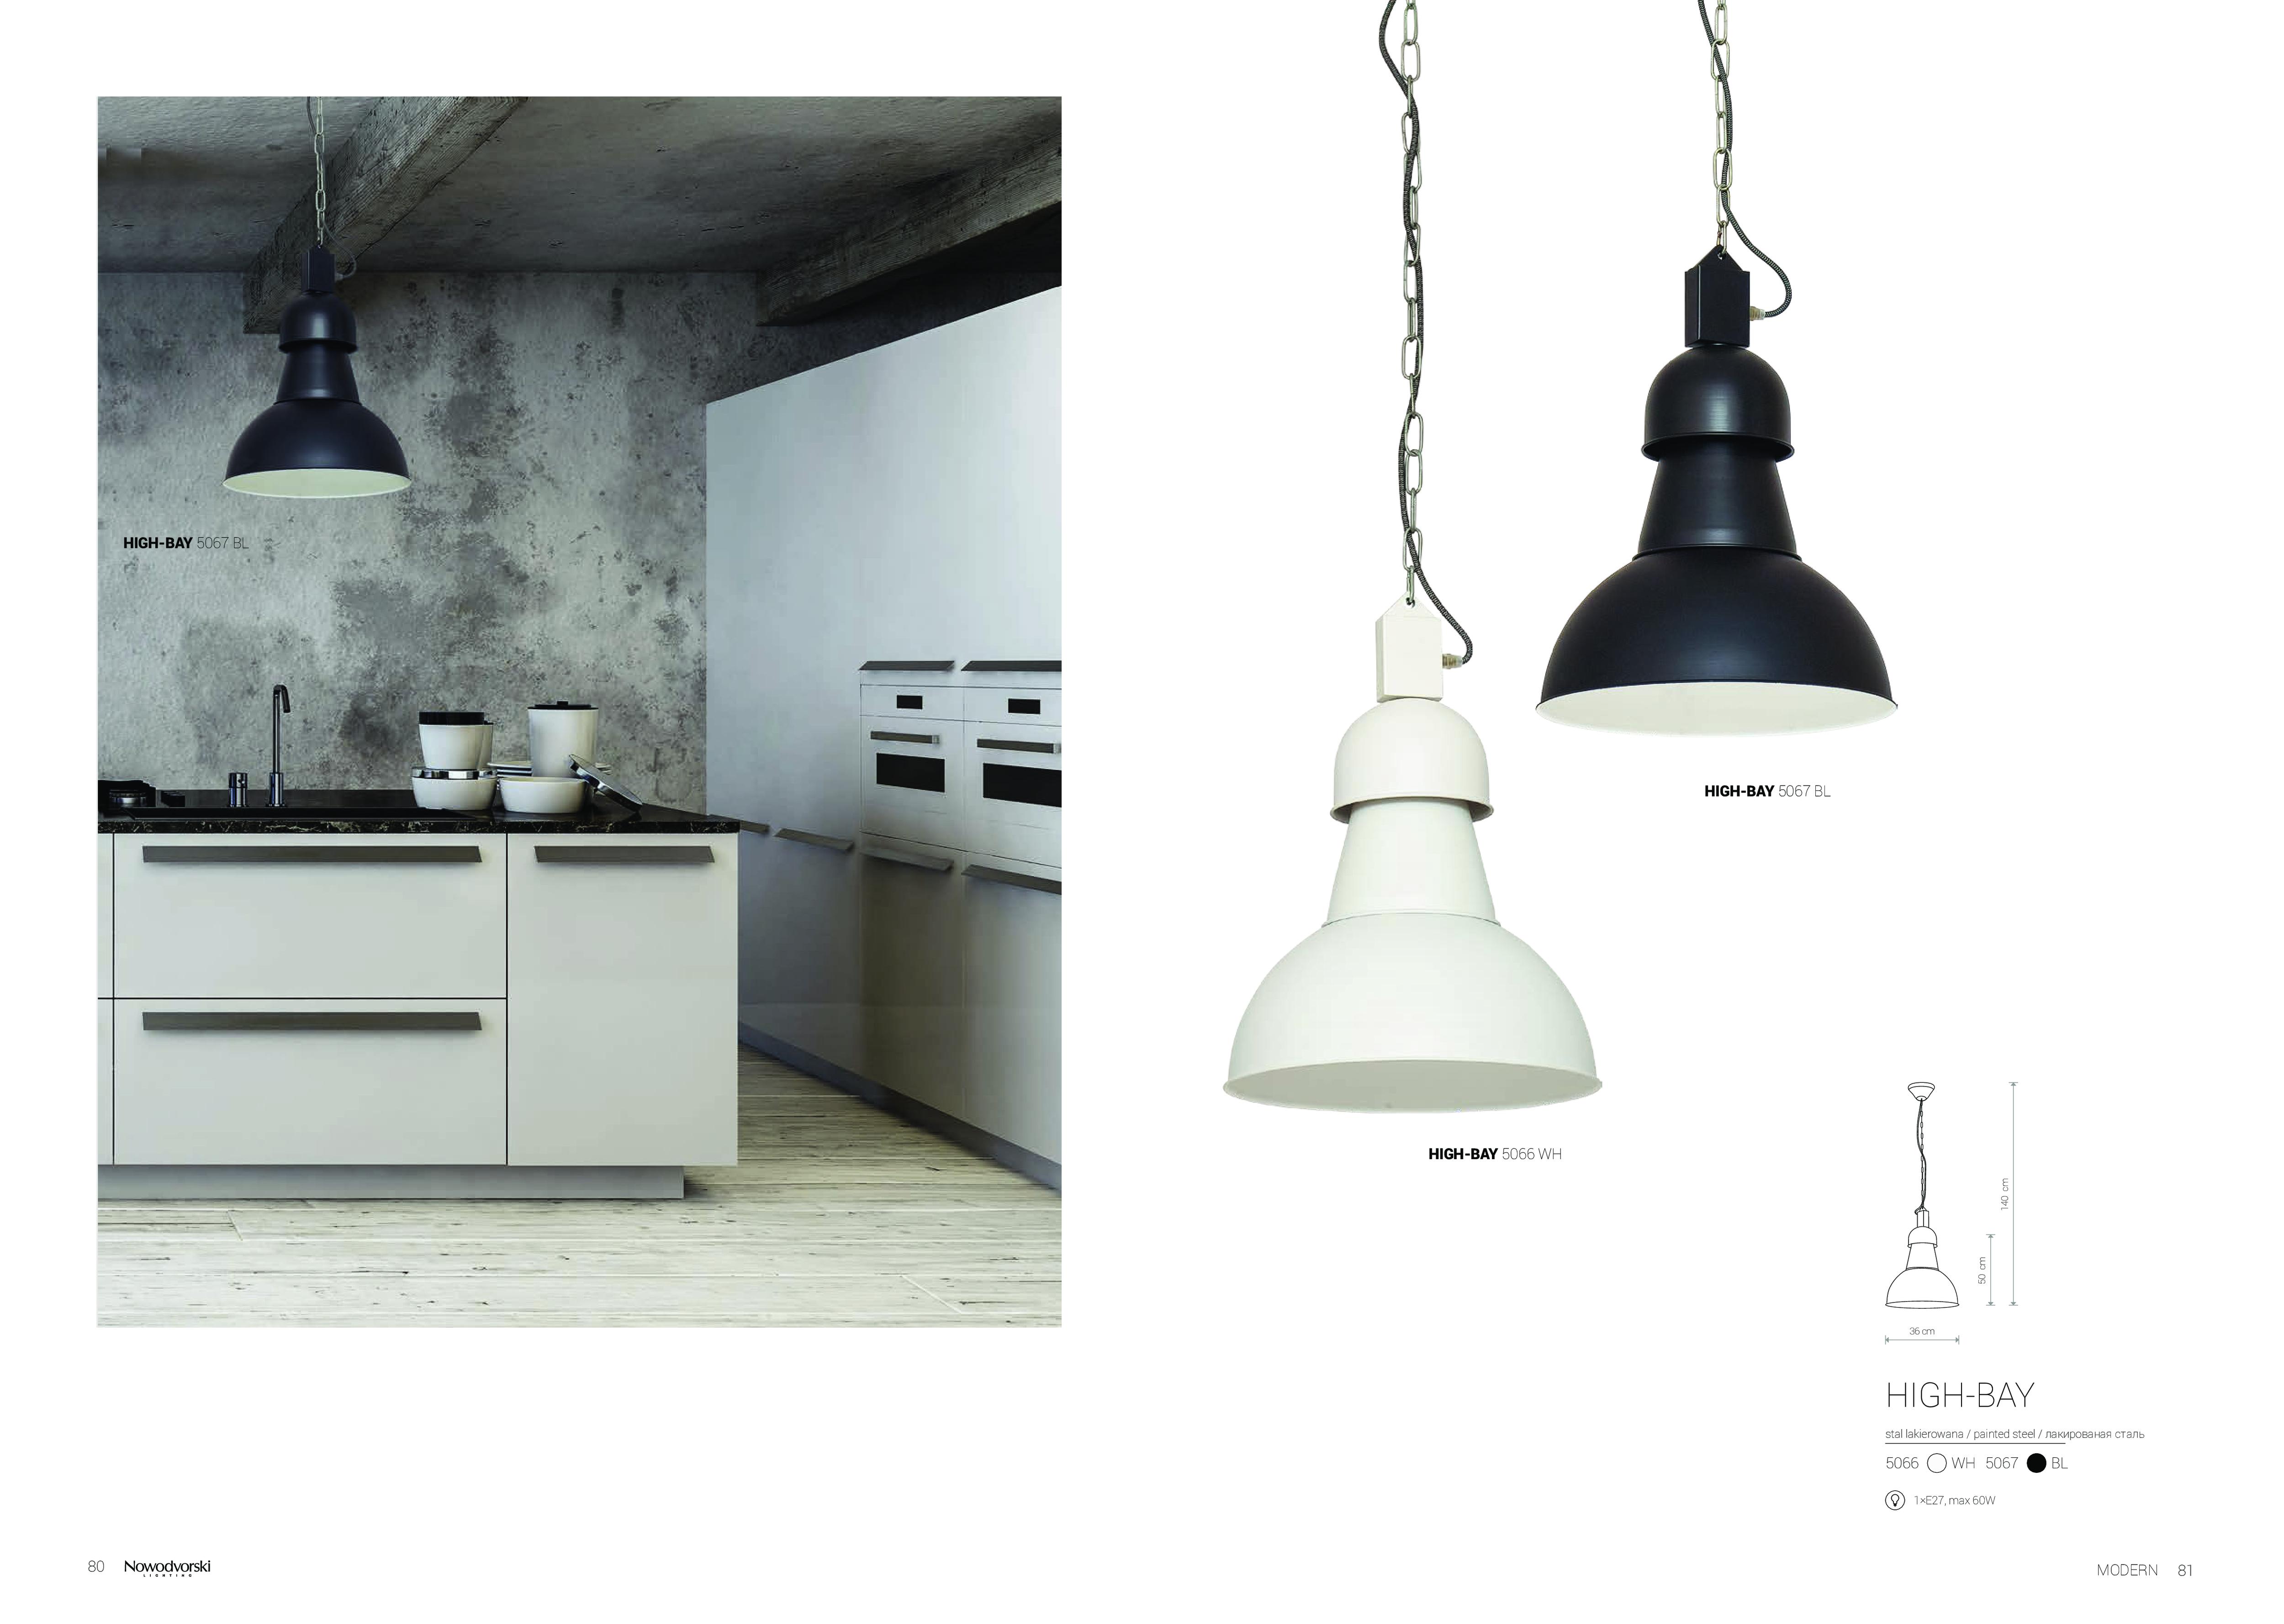 Подвесной светильник Nowodvorski High-Bay 5067, 1xE27x60W, черный, металл - фото 2